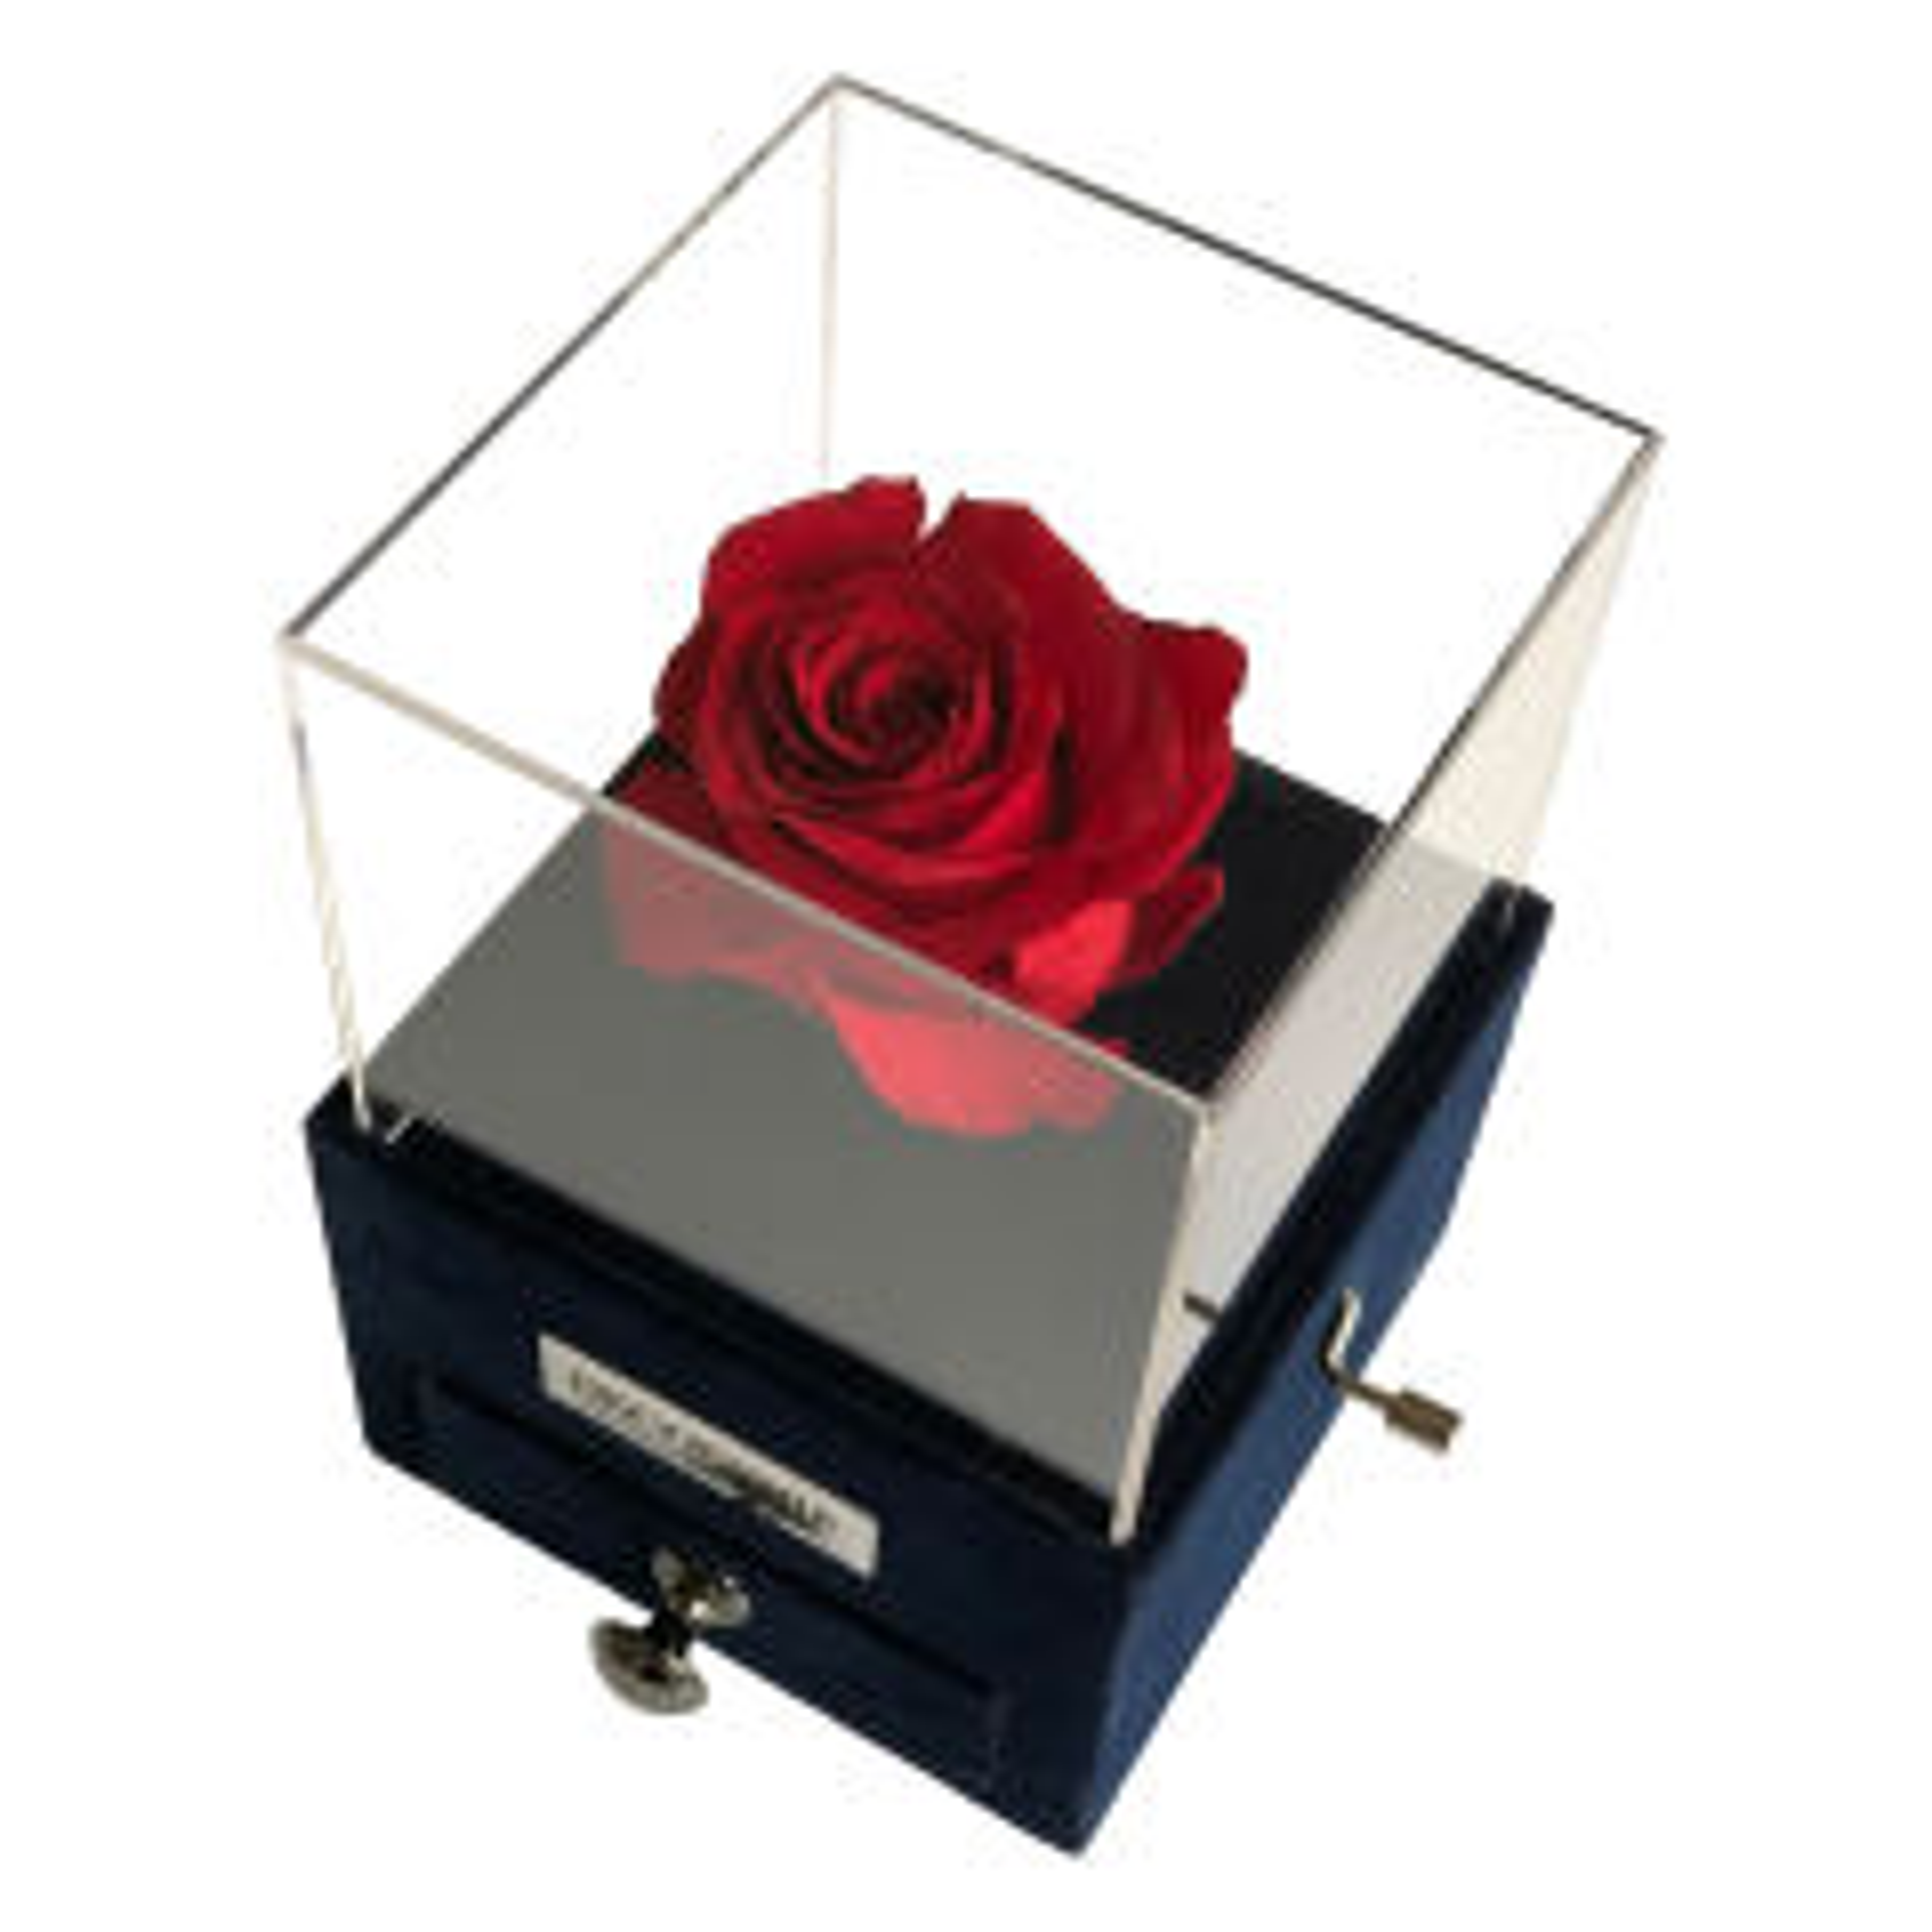 جعبه موزیکال کشودار رز جاودان دکوفیوره ملودی HappyBirthday - به همراه کارت تولد و  پاکت مخصوص دکوفیوره